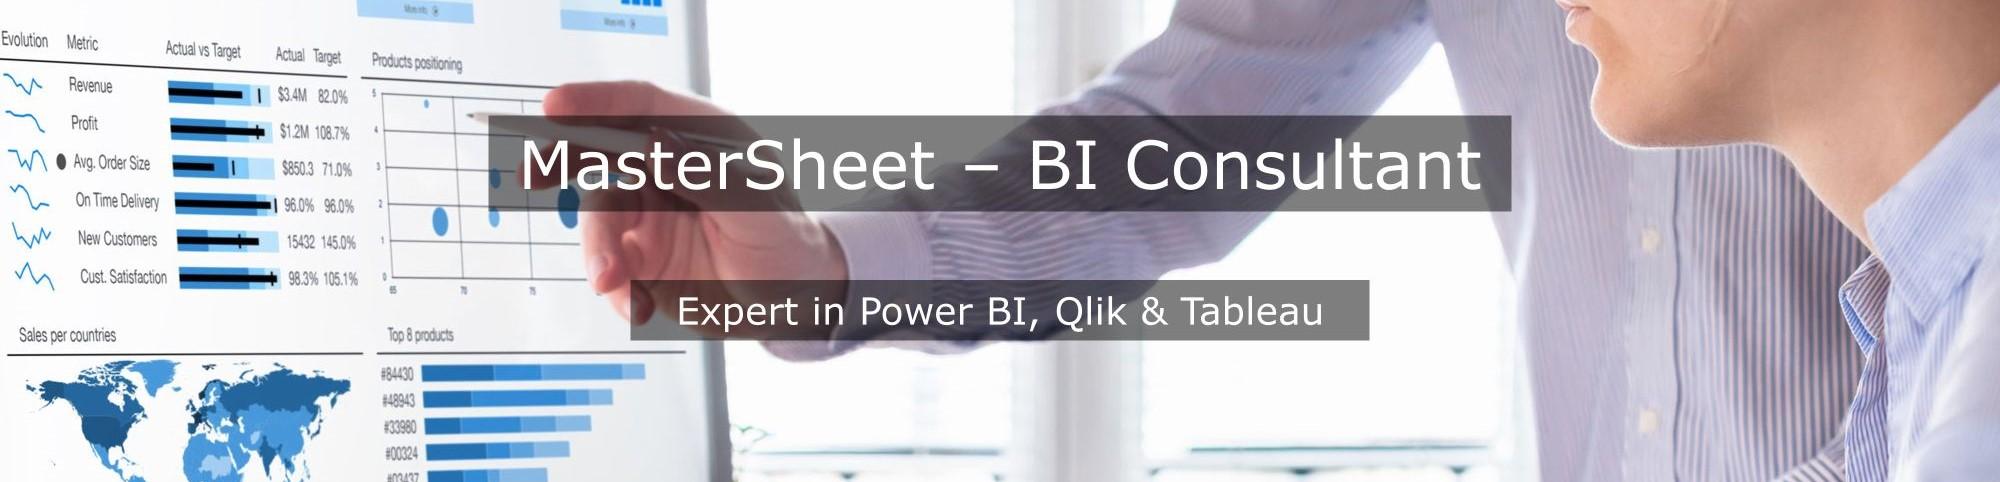 BI consultant Qlikview: MasterSheet helpt u met het bouwen van dashboard en rapportage in Qlikview en Qliksense